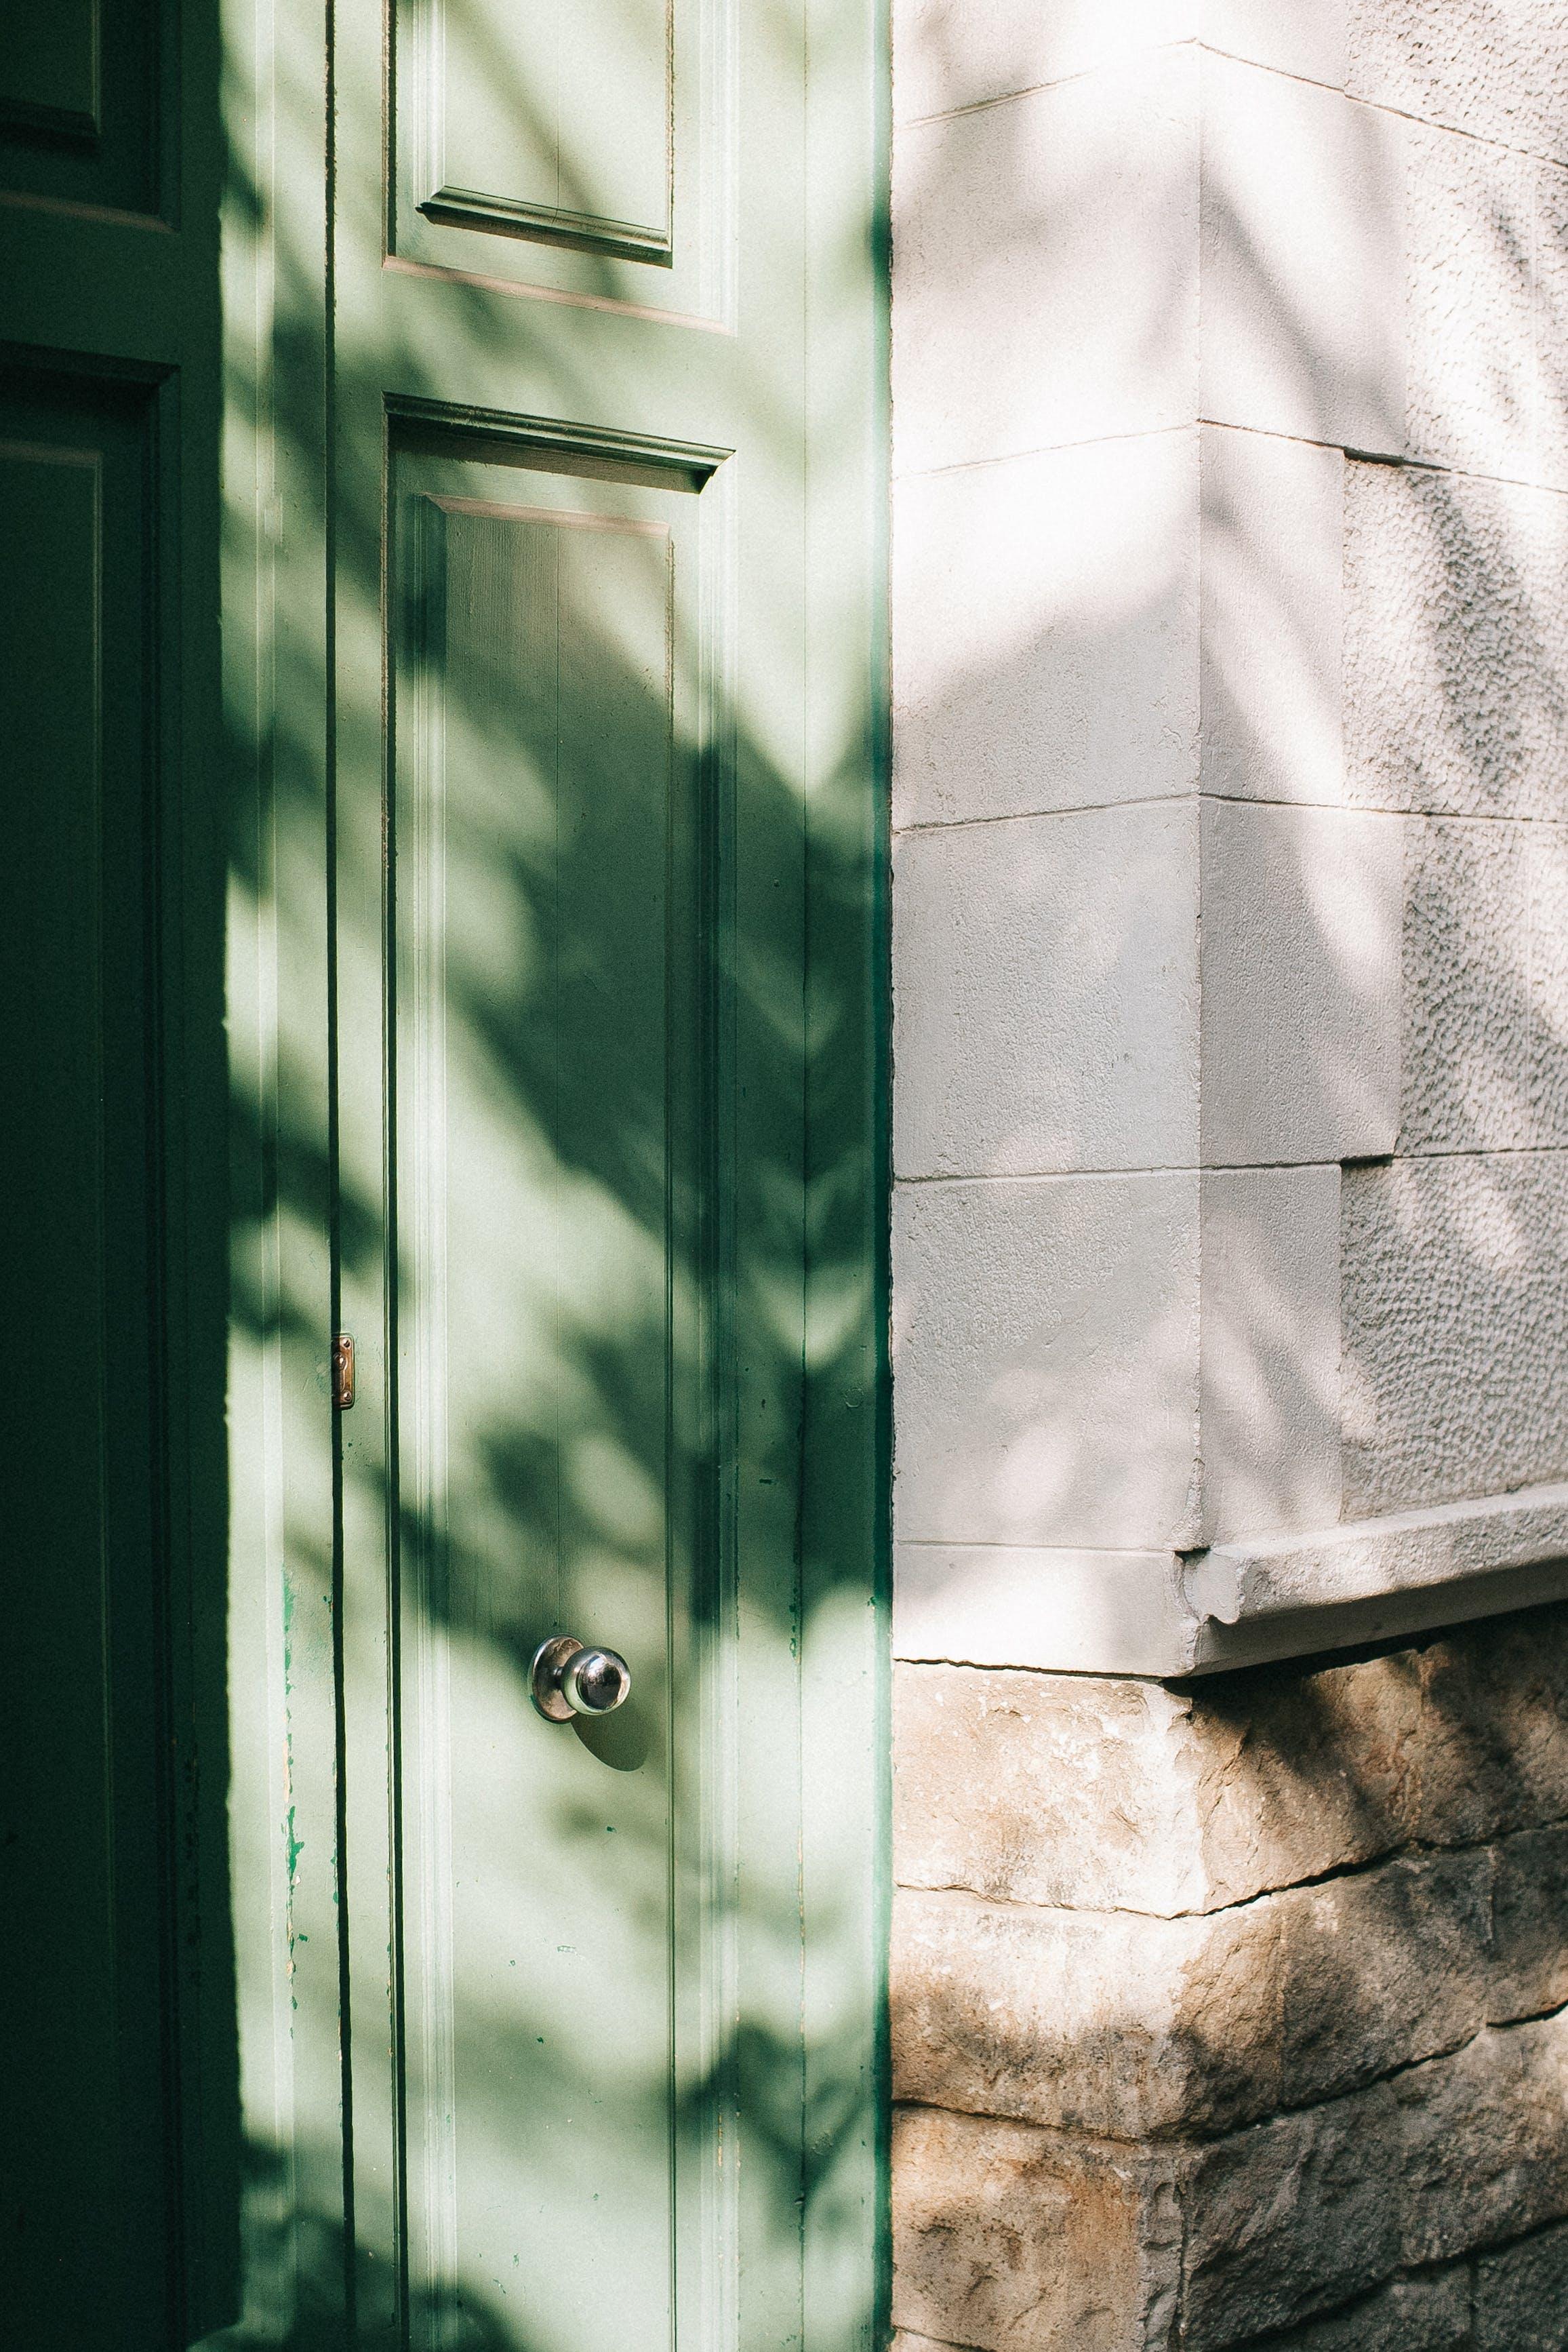 Teal Wooden Door With Gray Doorknob